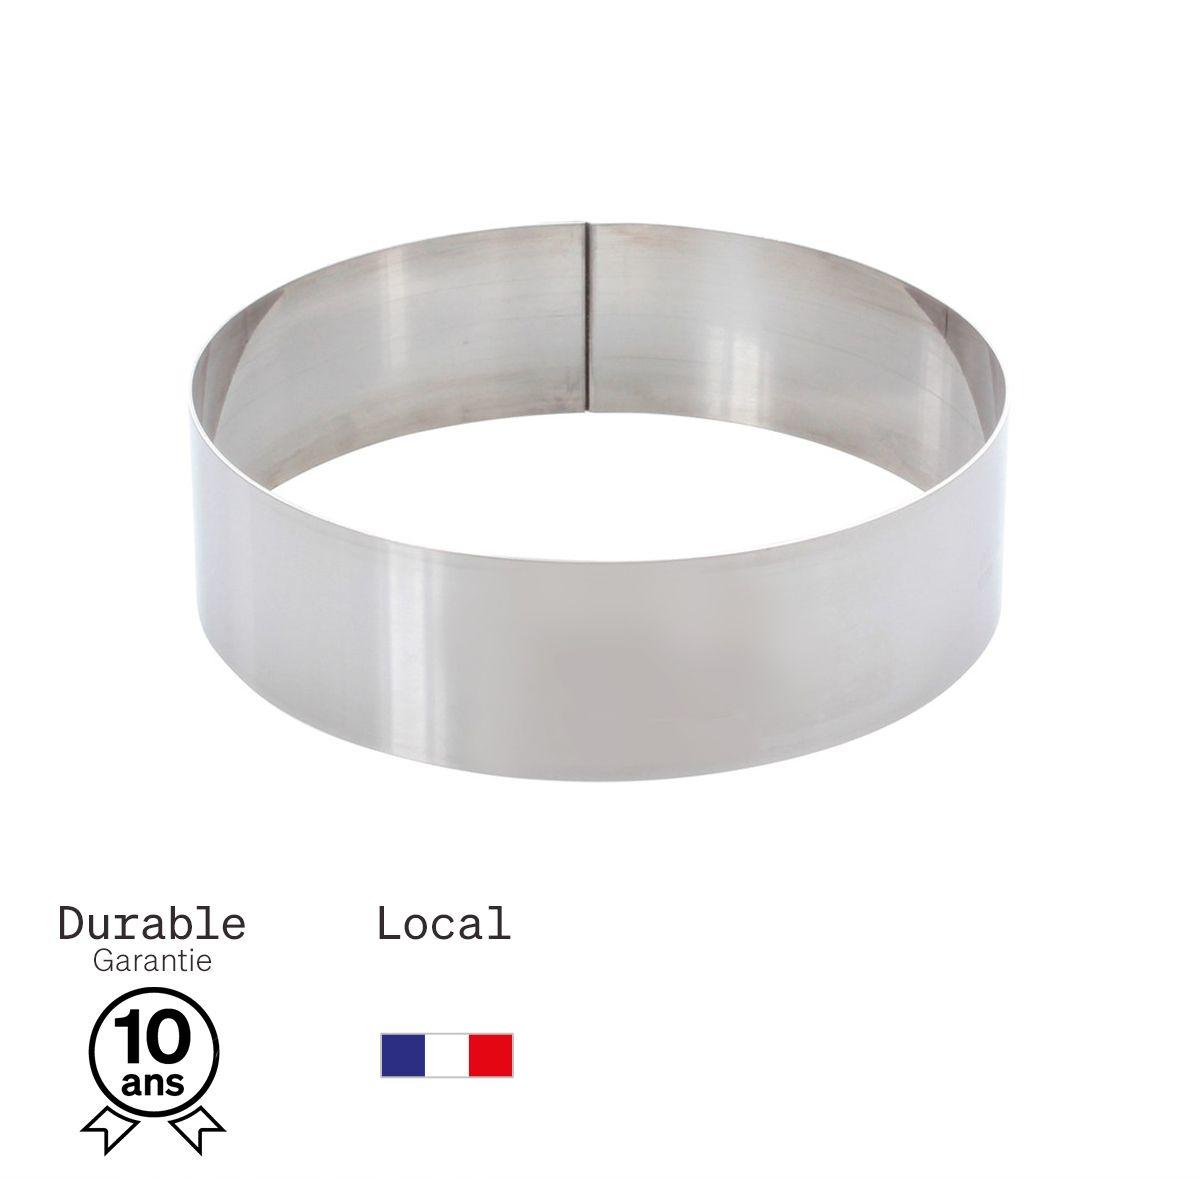 Cercle à mousse et entremet en inox 4 parts 16 cm hauteur 4.5 cm - Alice Délice